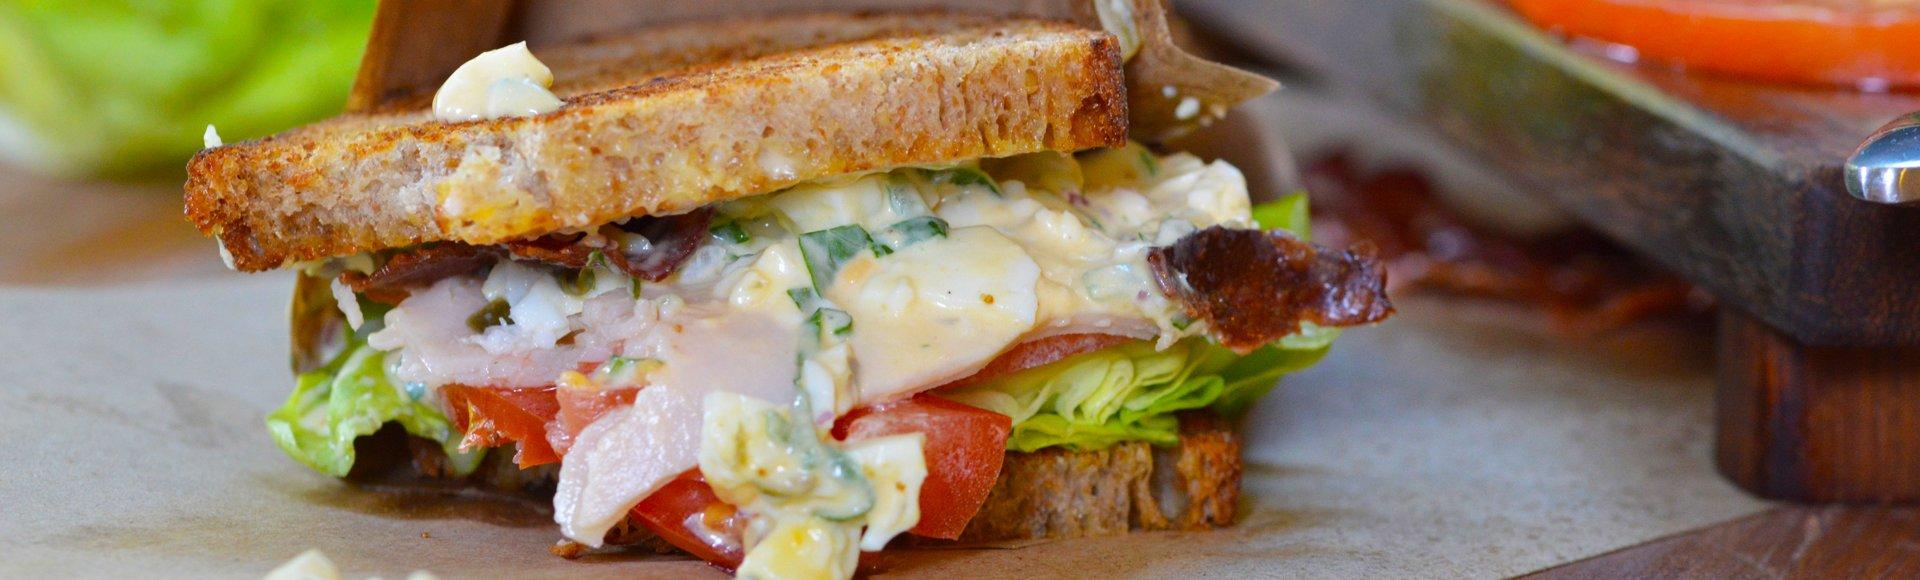 Σάντουιτς με αυγοσαλάτα, μπέικον και καπνιστή γαλοπούλα